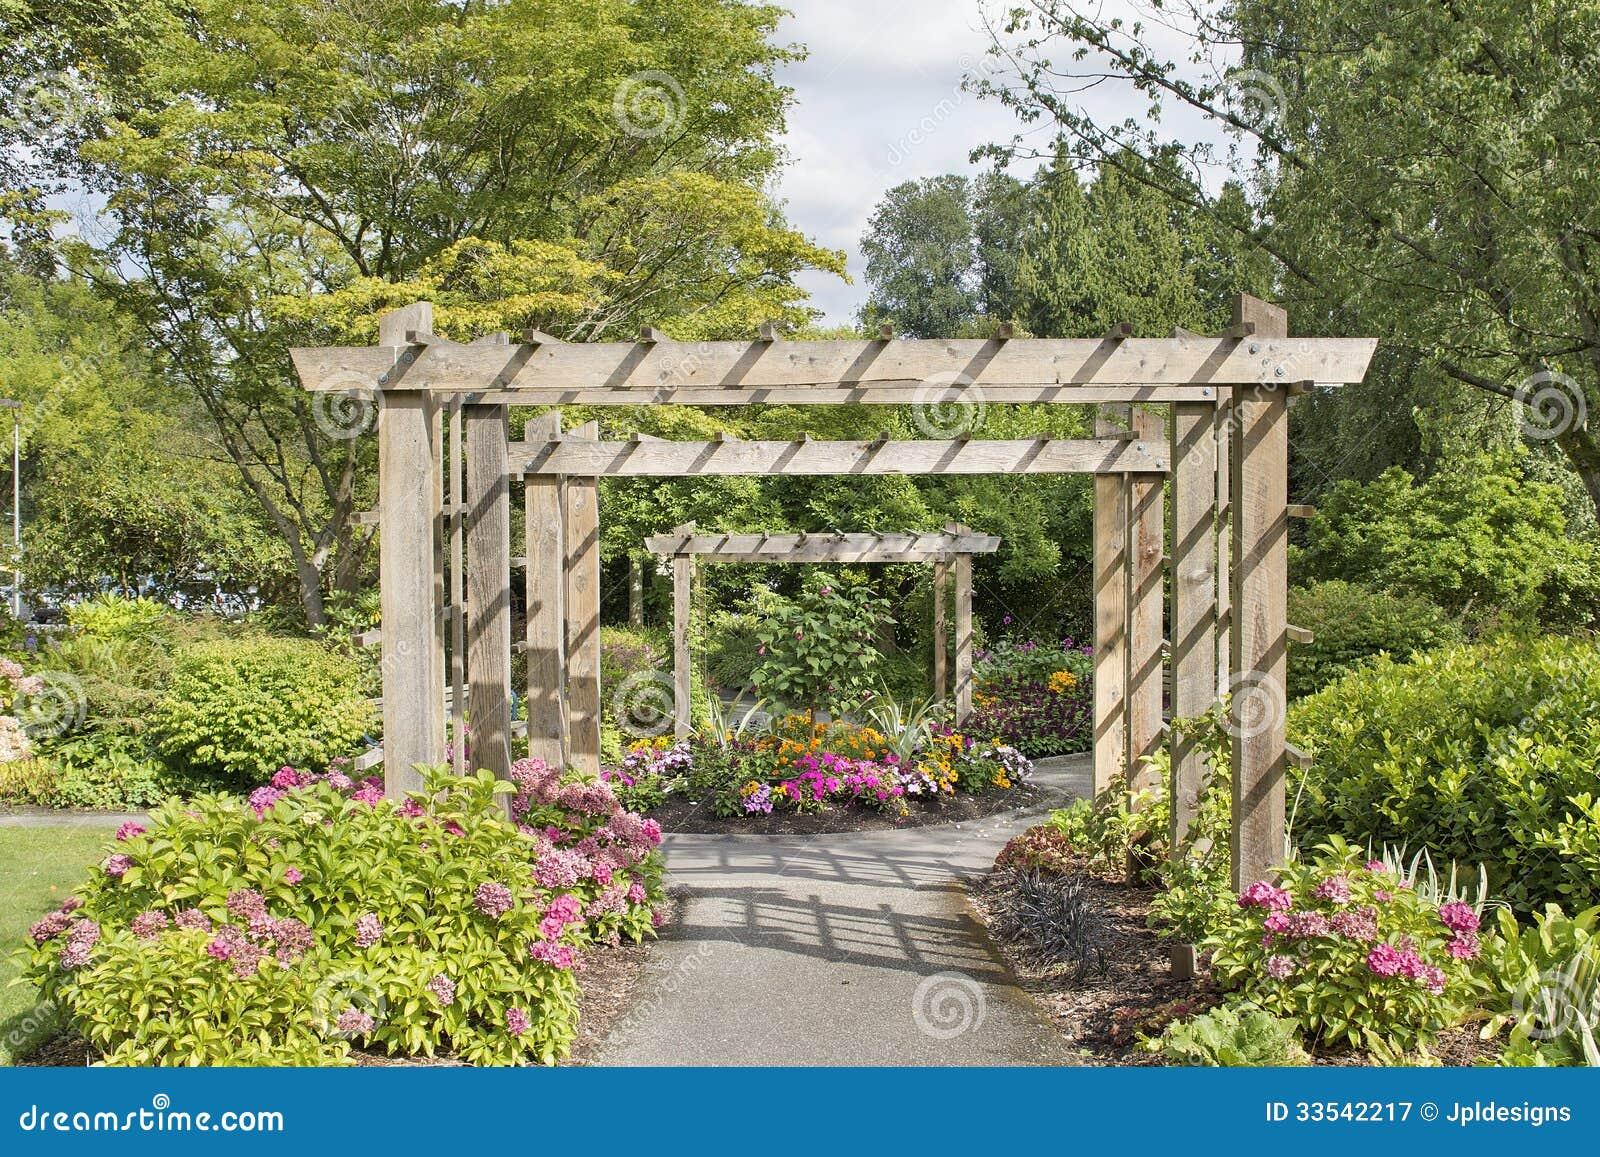 axe en bois au dessus de chemin de jardin image stock image du t arbre 33542217. Black Bedroom Furniture Sets. Home Design Ideas